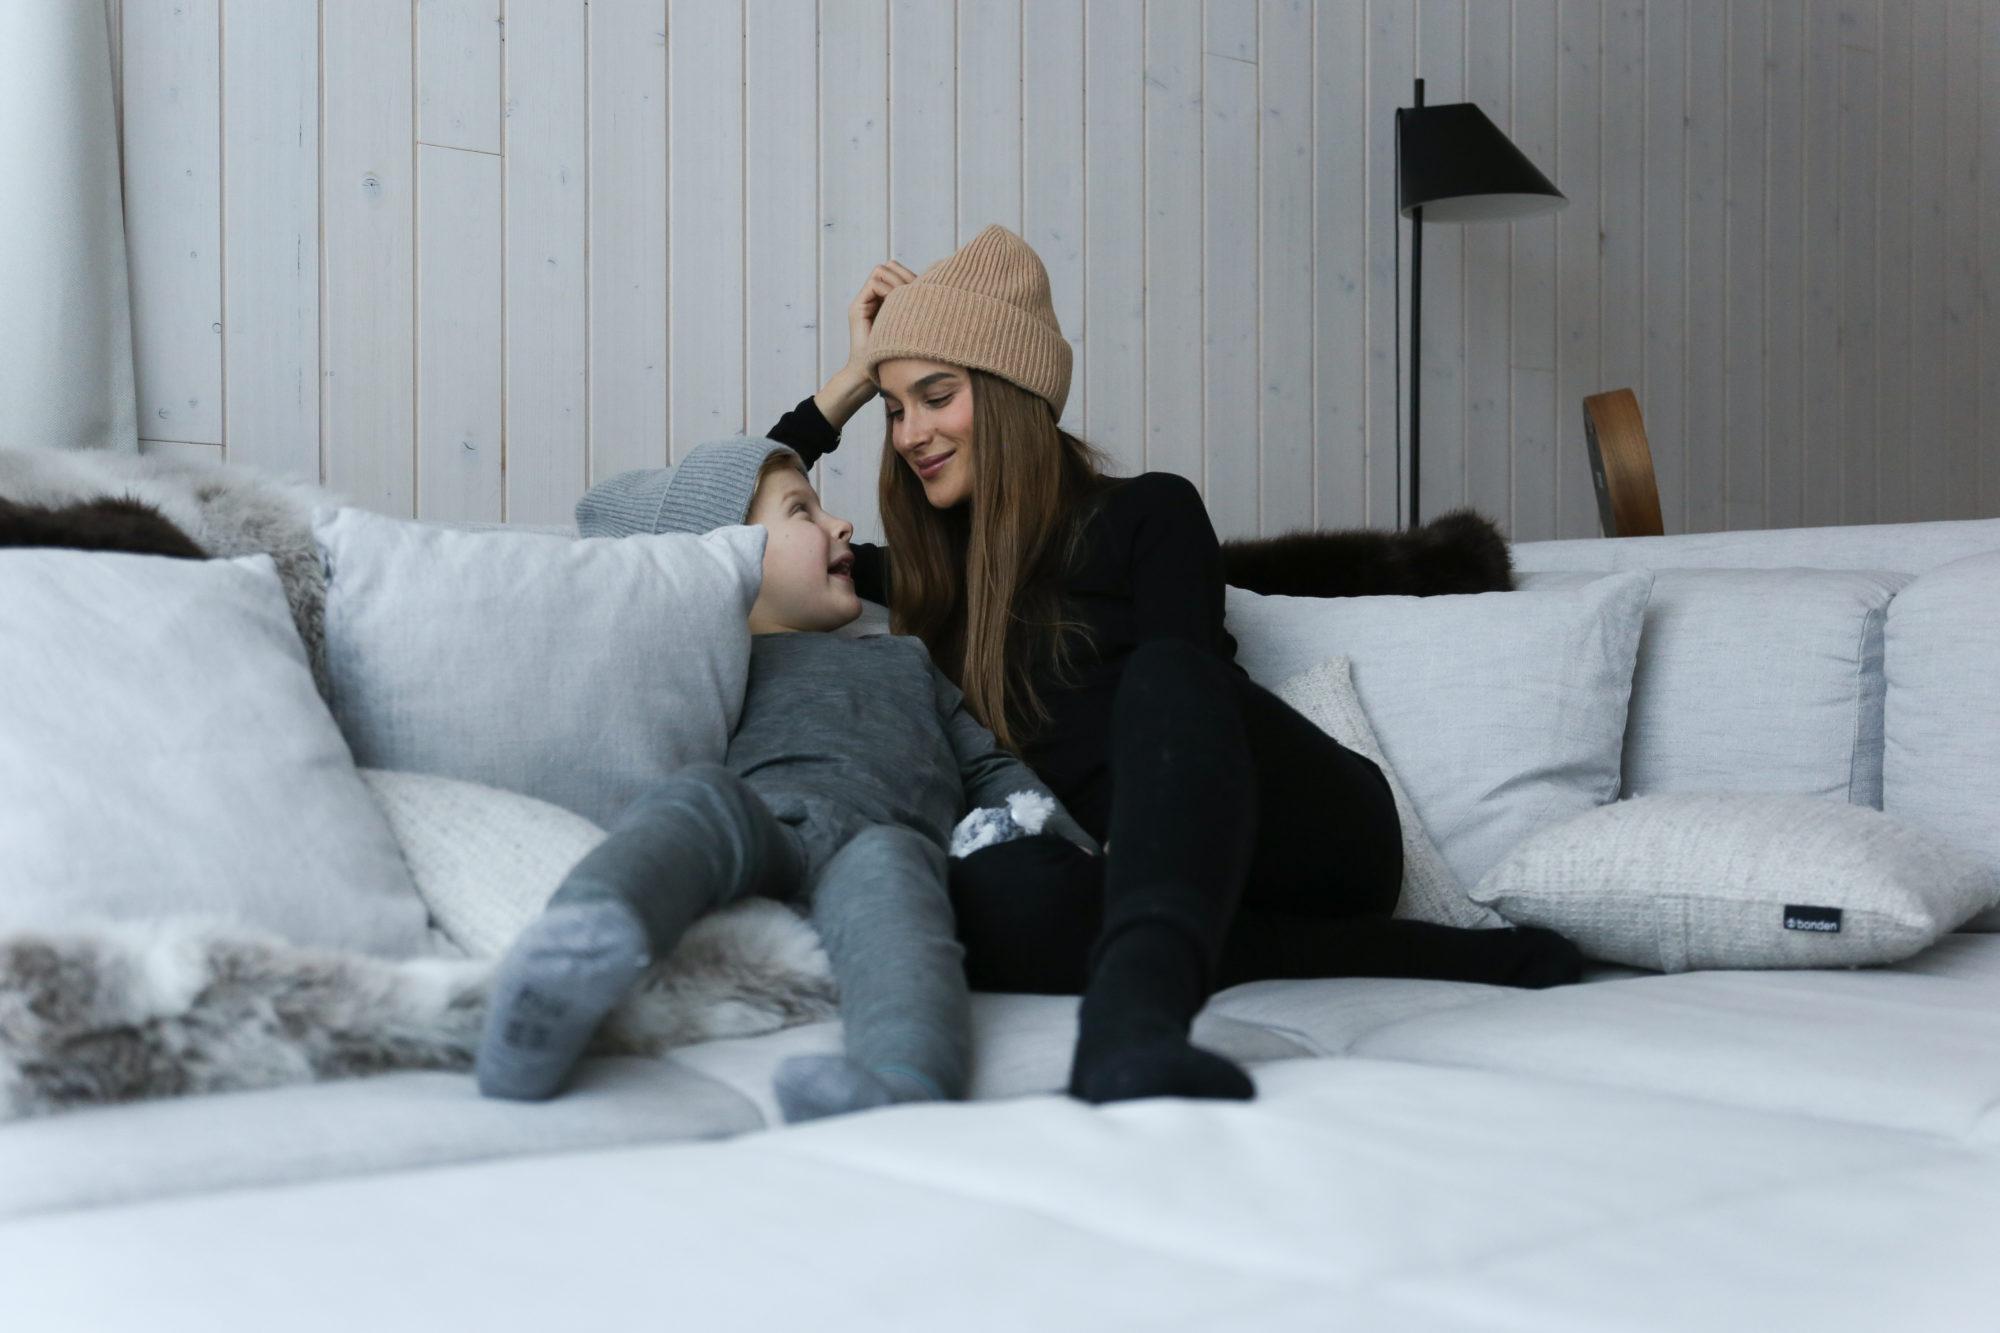 Didem ja Luca sohvalla.